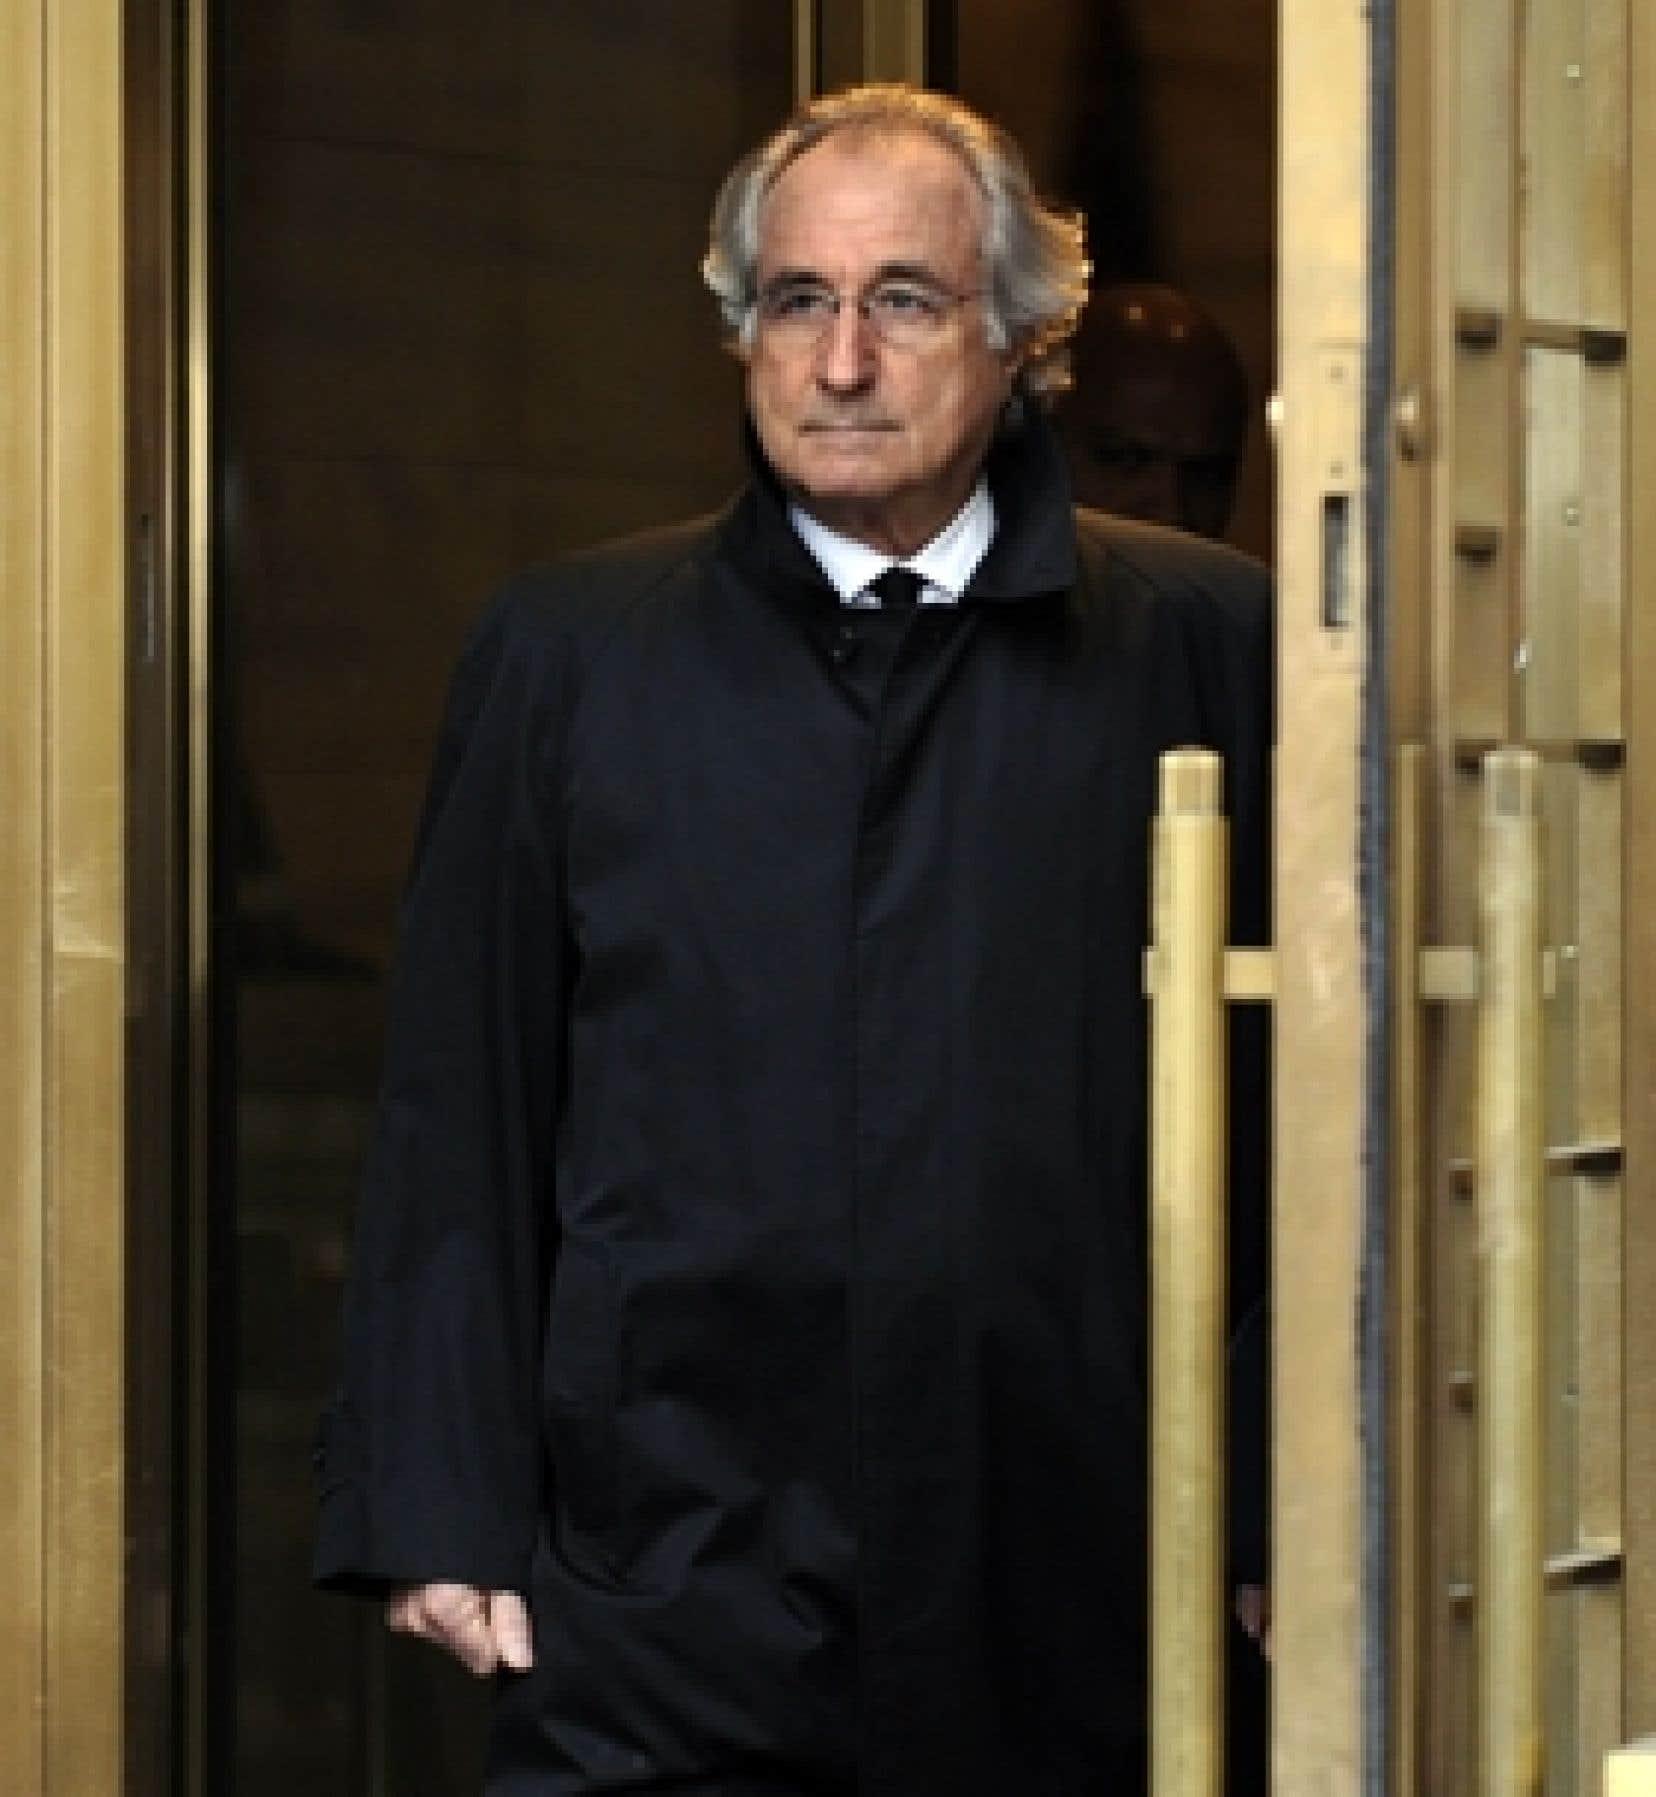 La fraude de Bernard Madoff représente le plus important crime financier dans l'histoire de Wall Street.